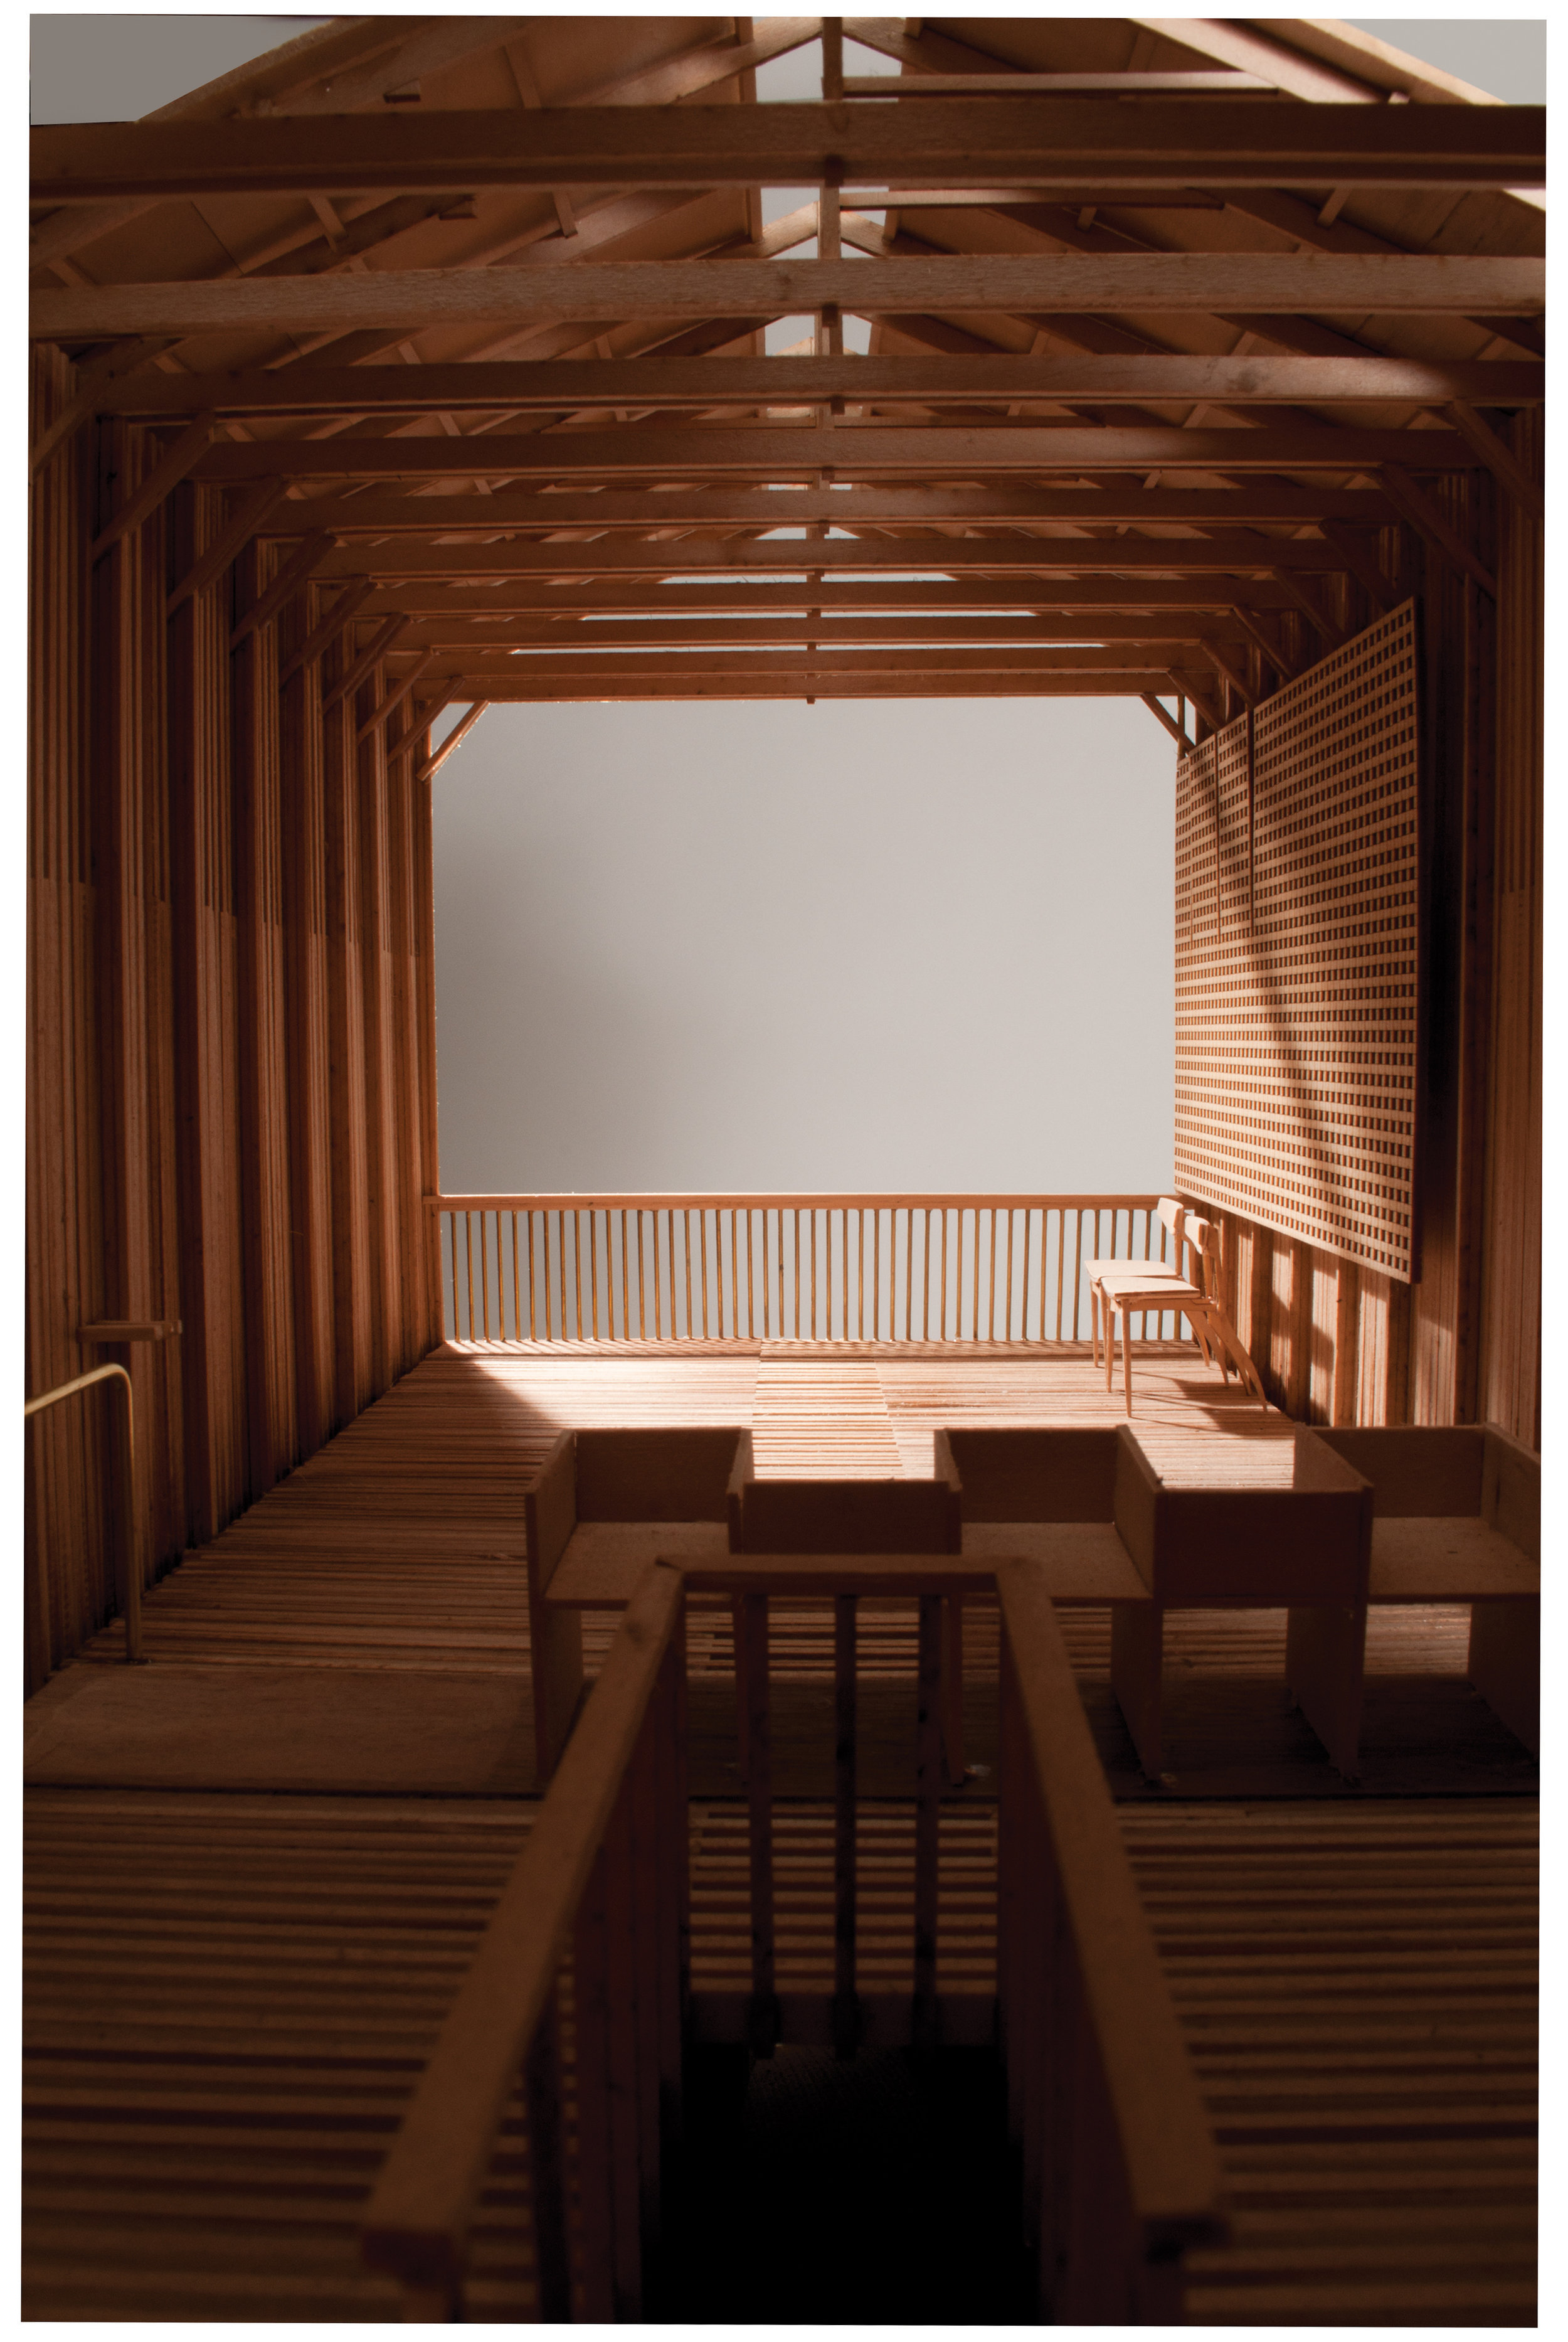 interiorfrombackvirtical.jpg